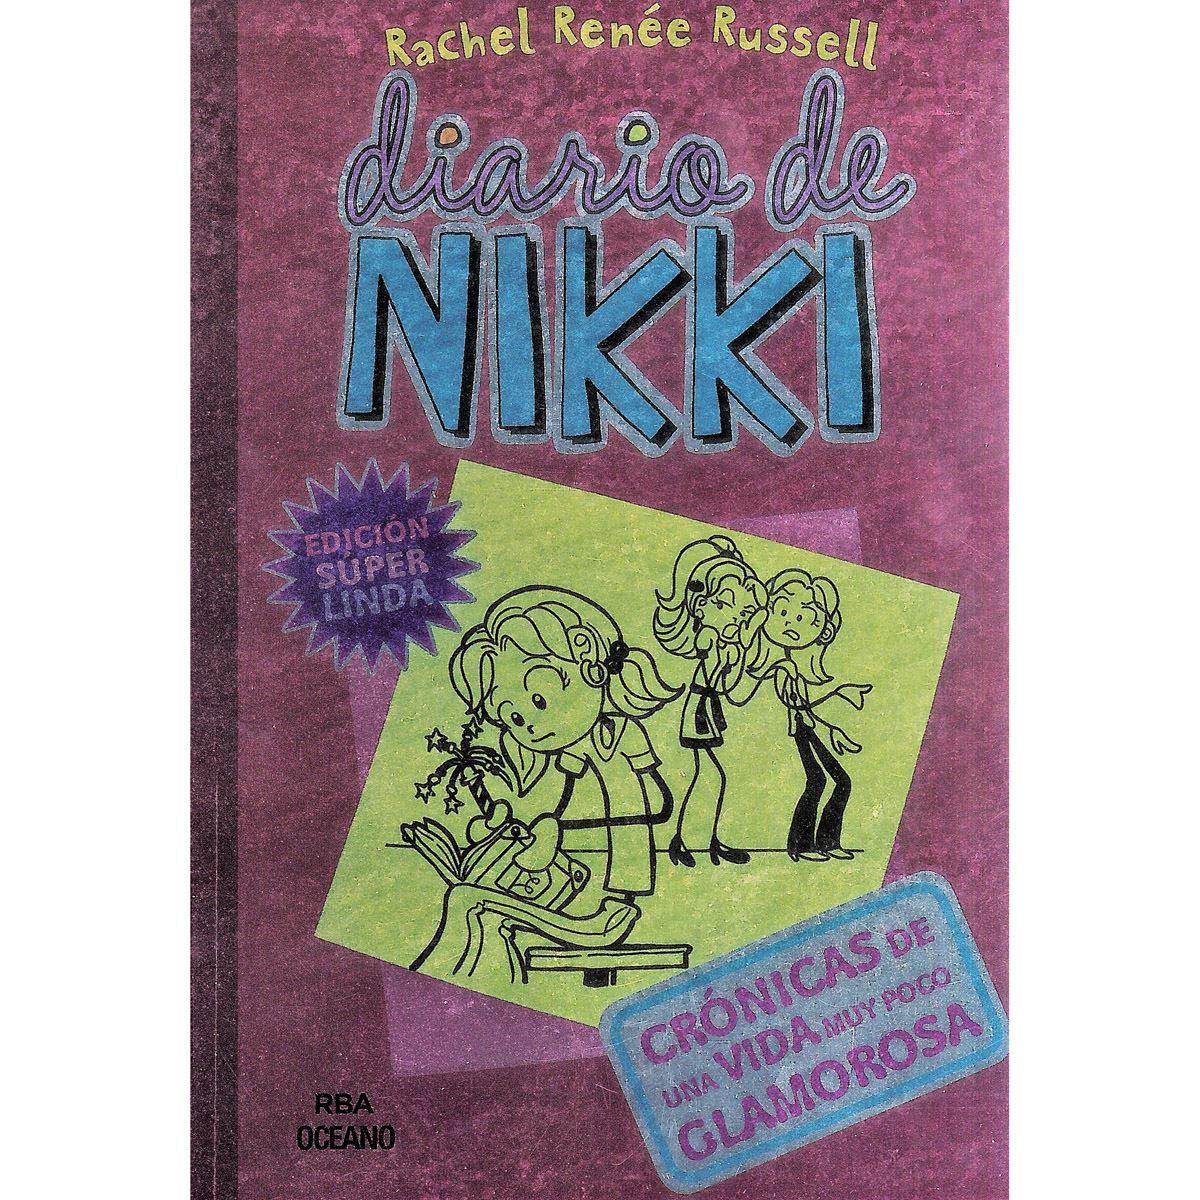 Diario de Nikki 1. Crónicas de una vida muy poco glamorosa (Nueva edición súper linda)